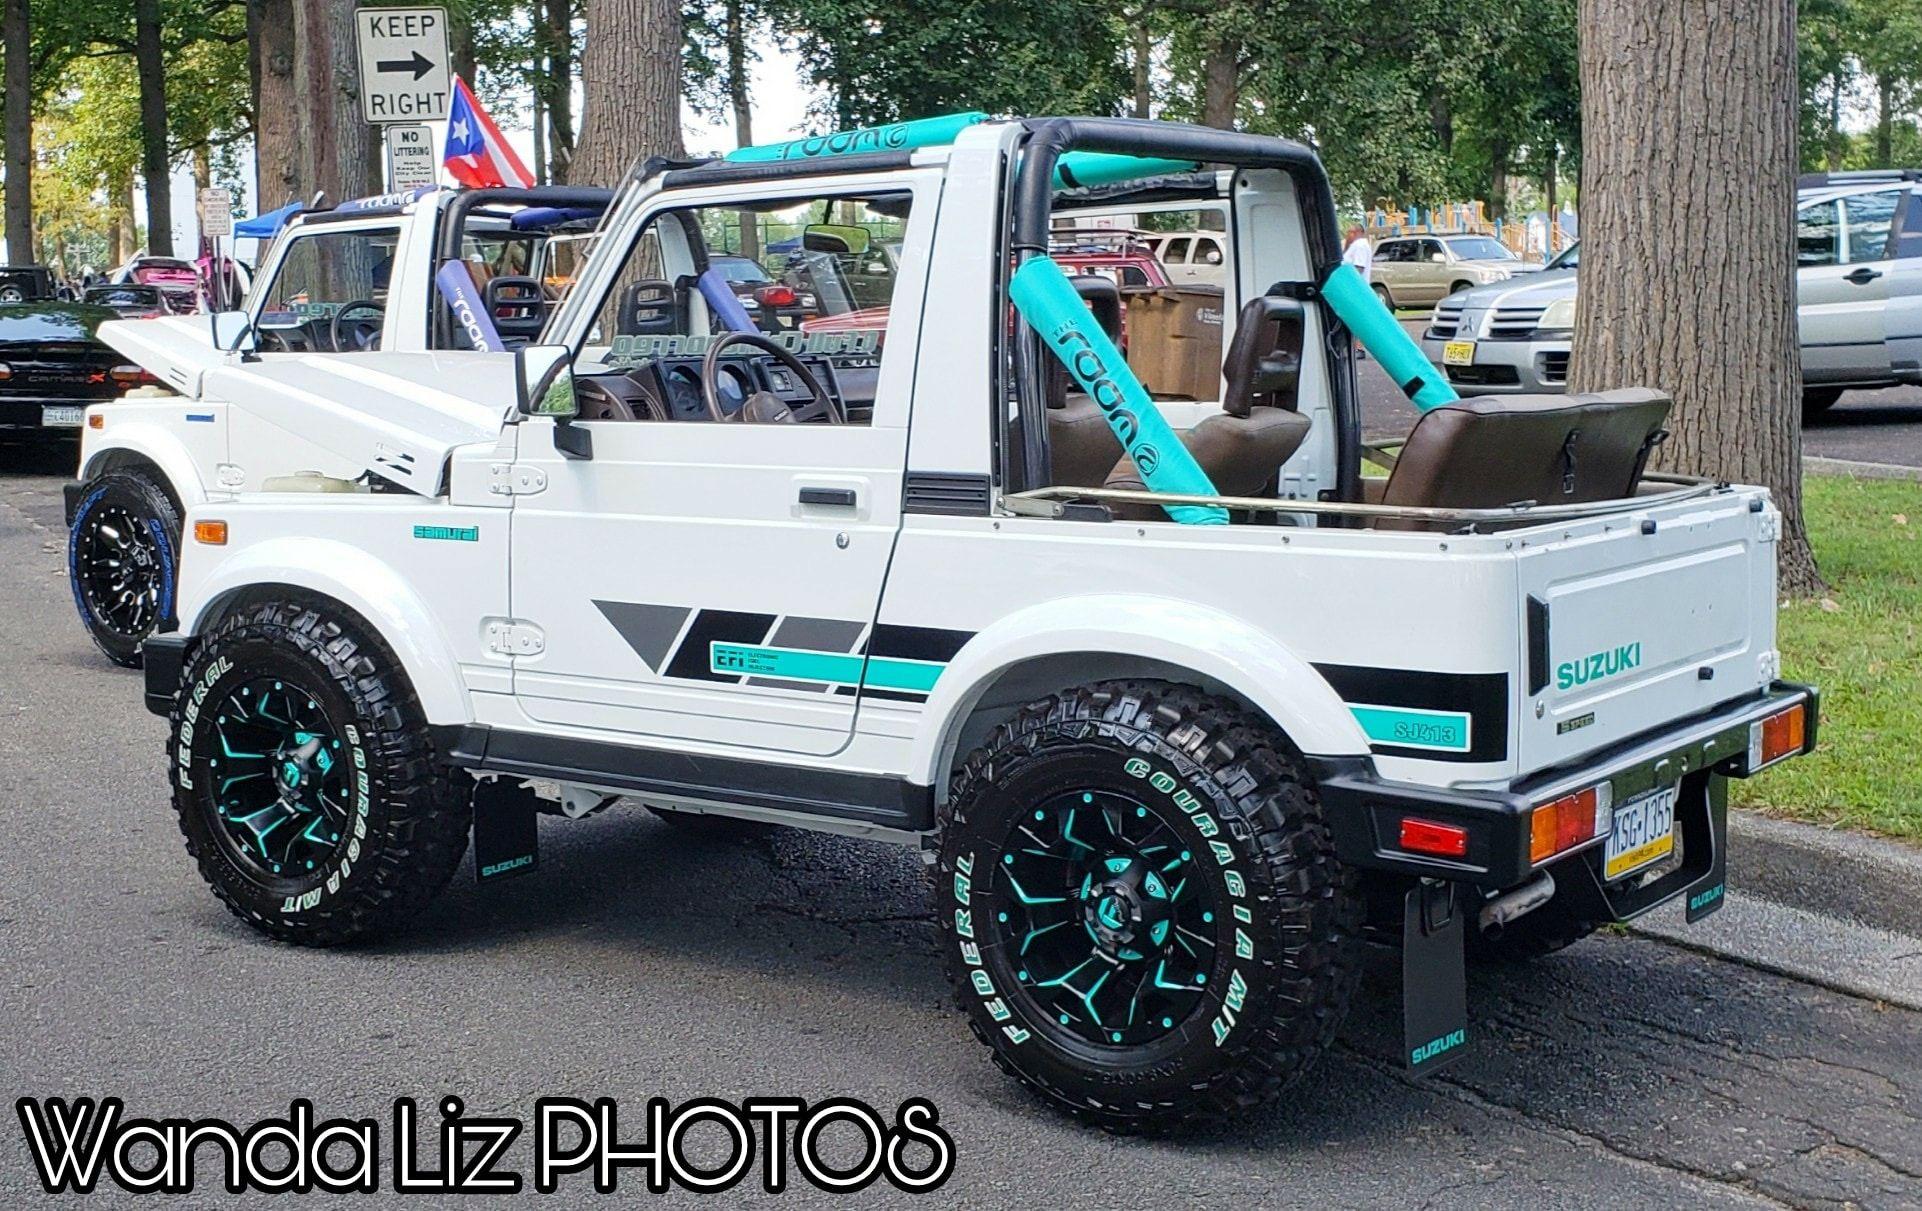 Suzuki Samurai Jeep 4x4 Off Road Fuel Wheels Sidekick Tracker Geo